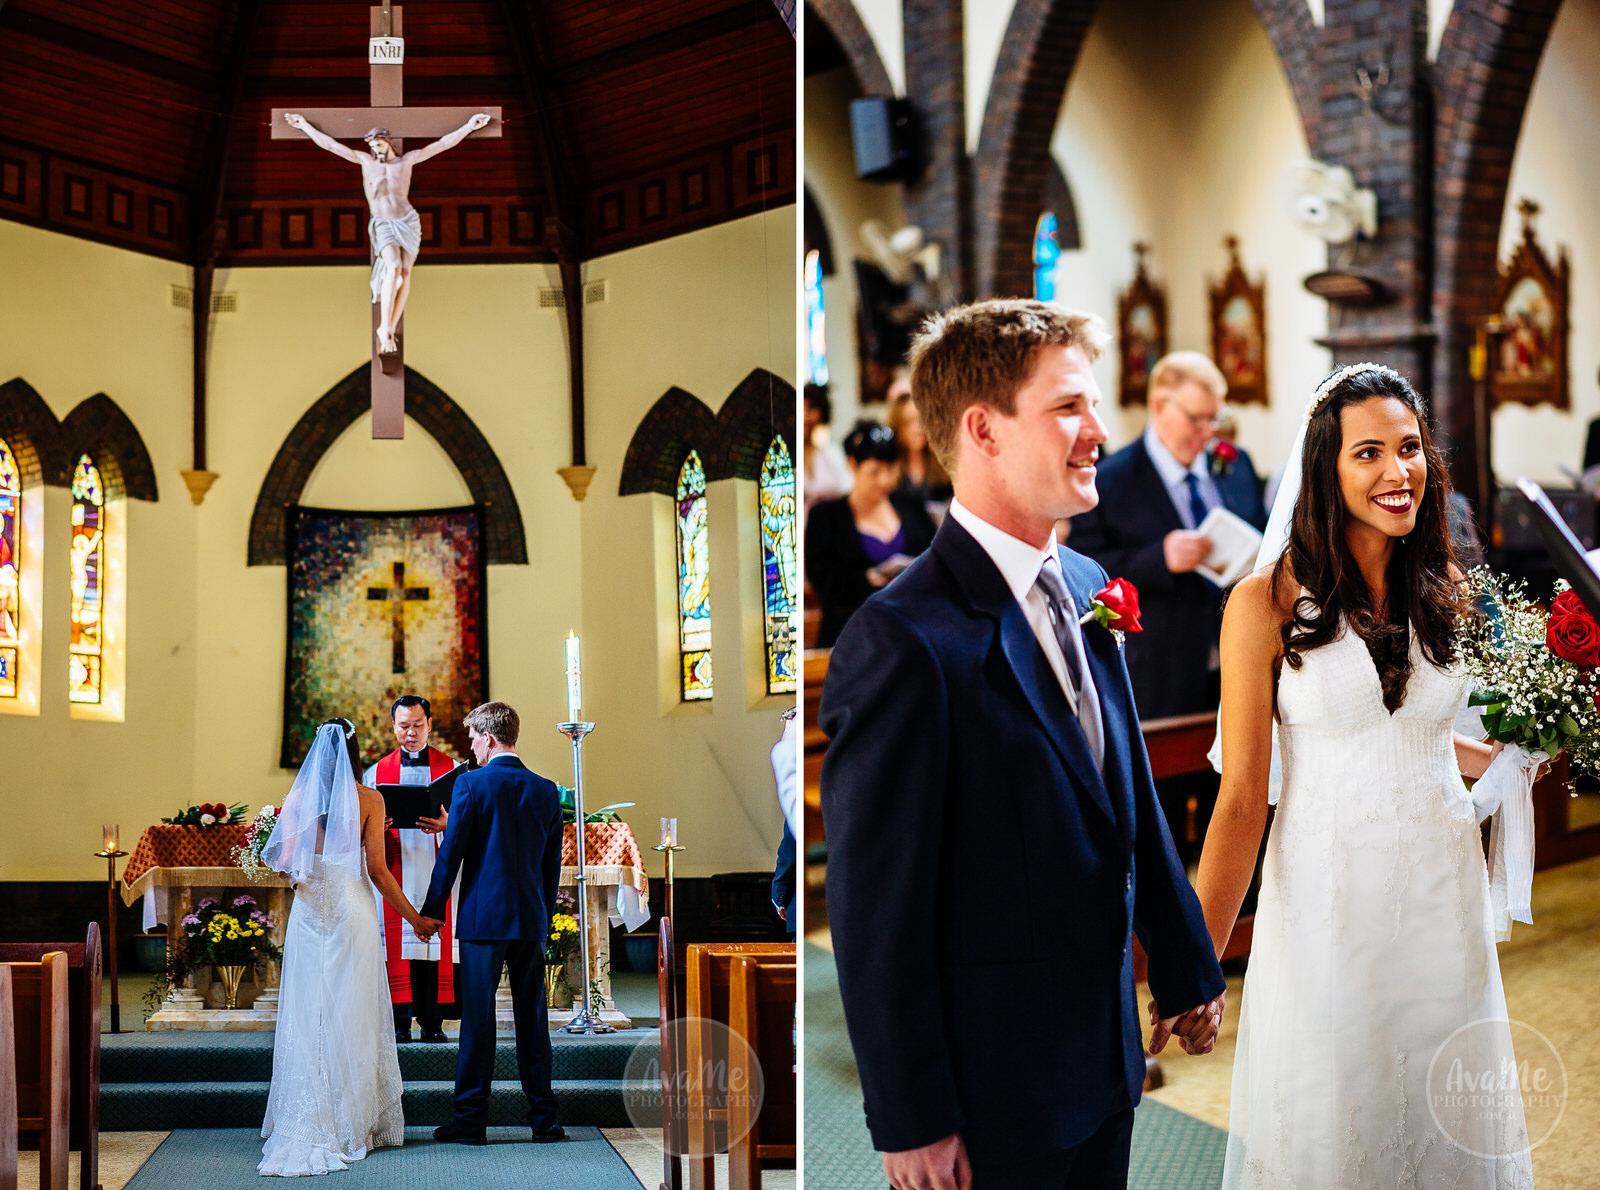 brenda-casey-scone-wedding-st-1